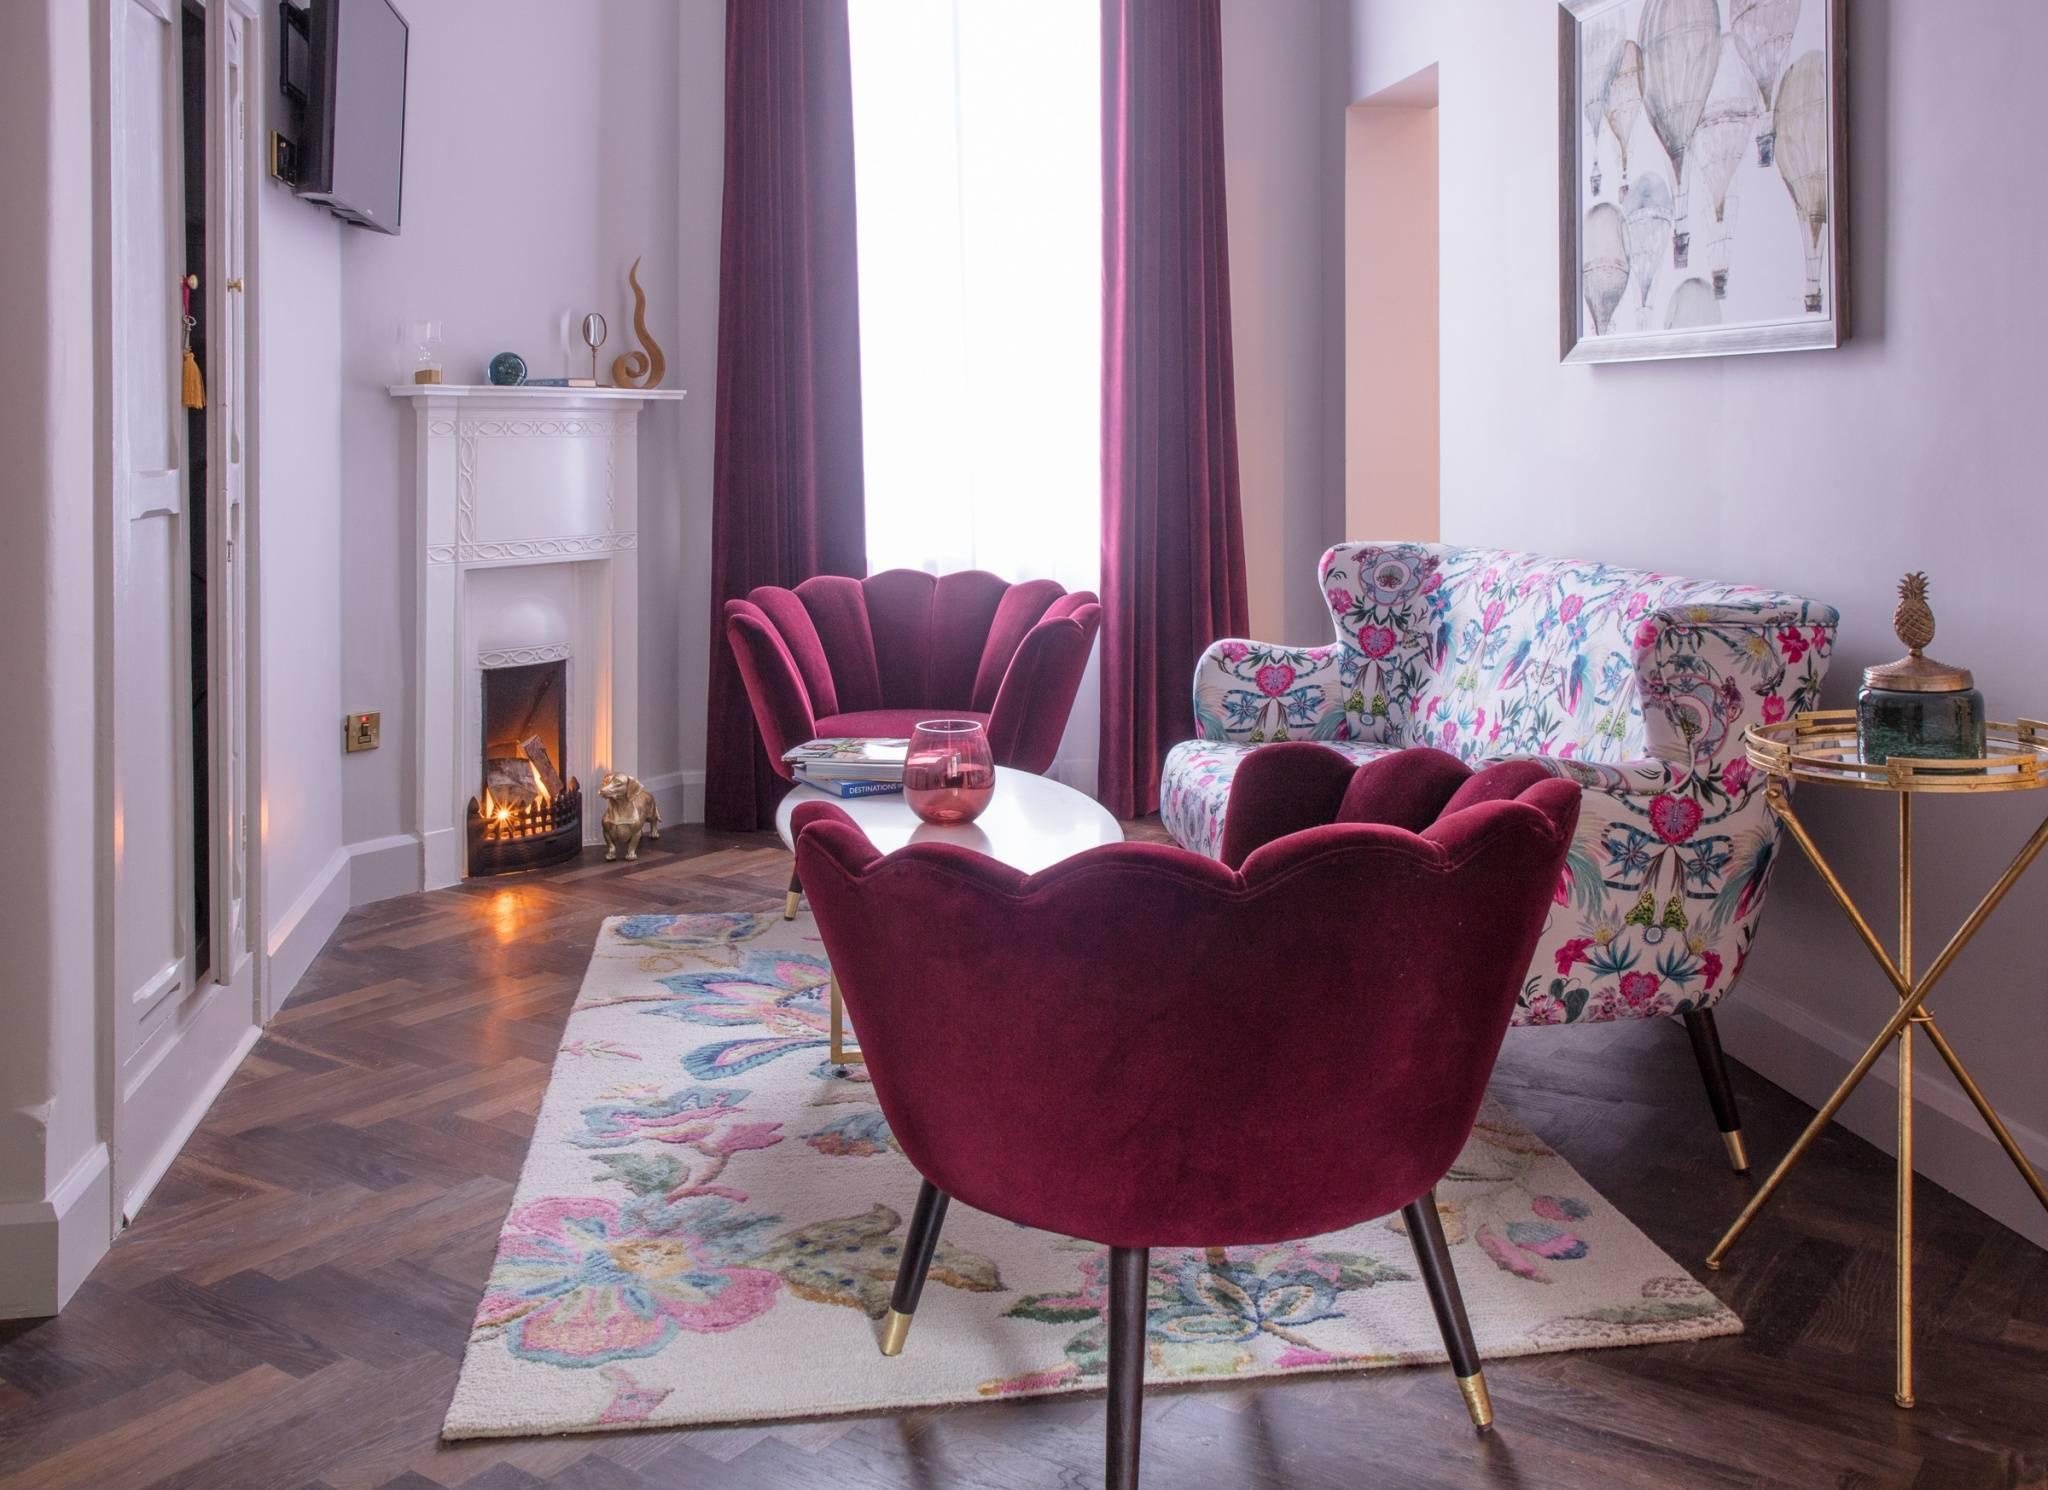 city-break Irish hotel stays